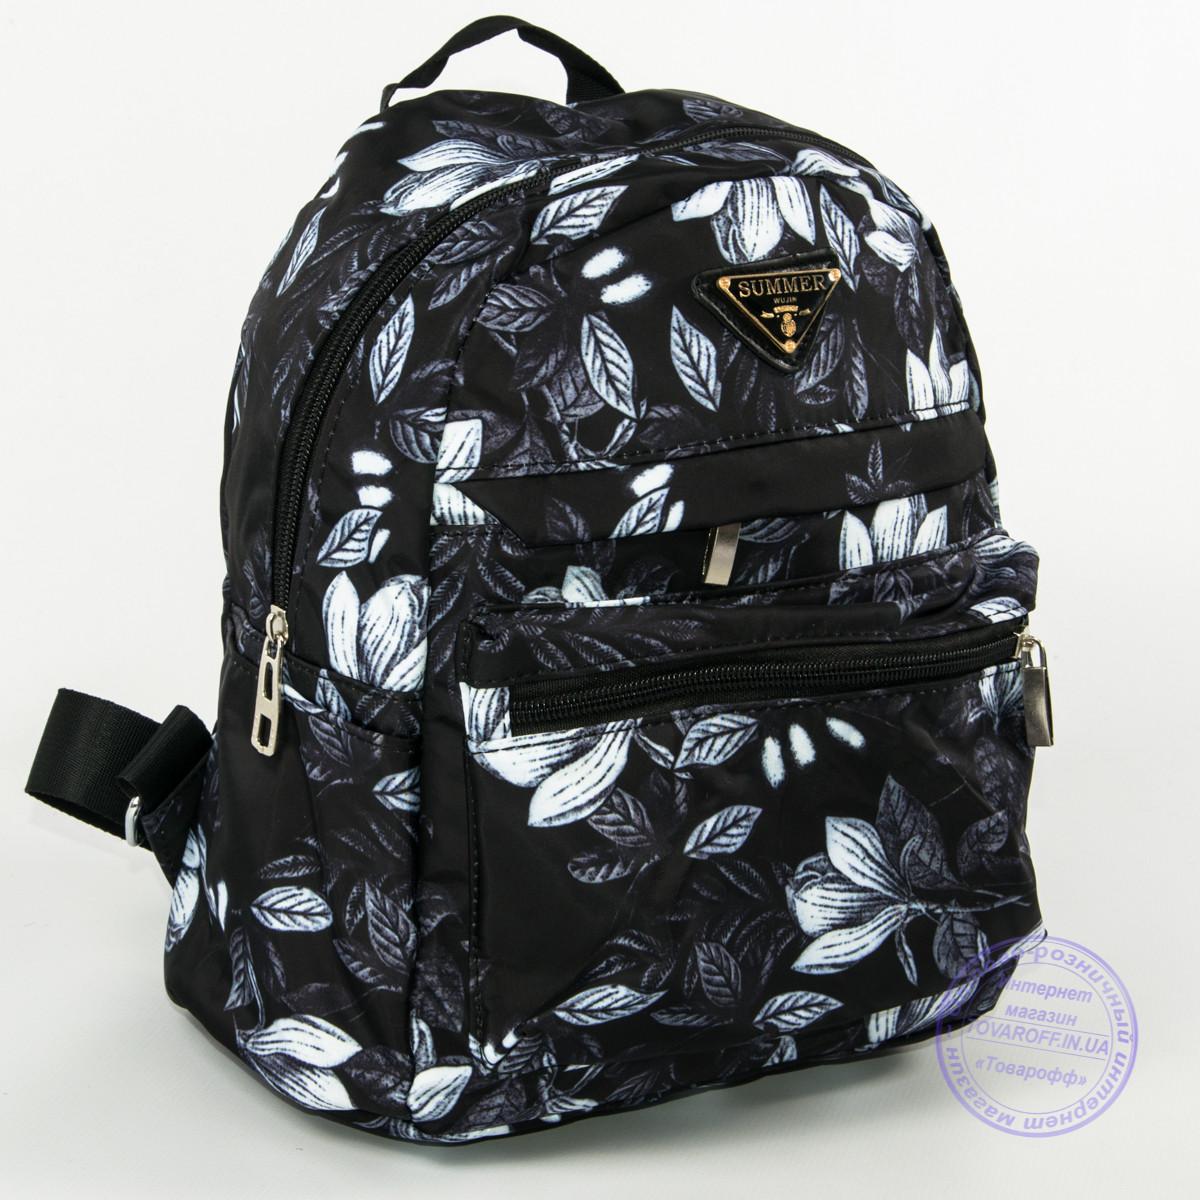 9c1d1ab6264 Красивый рюкзак небольшого формата с листьями - 114 - Интернет магазин  Товарофф в Хмельницком